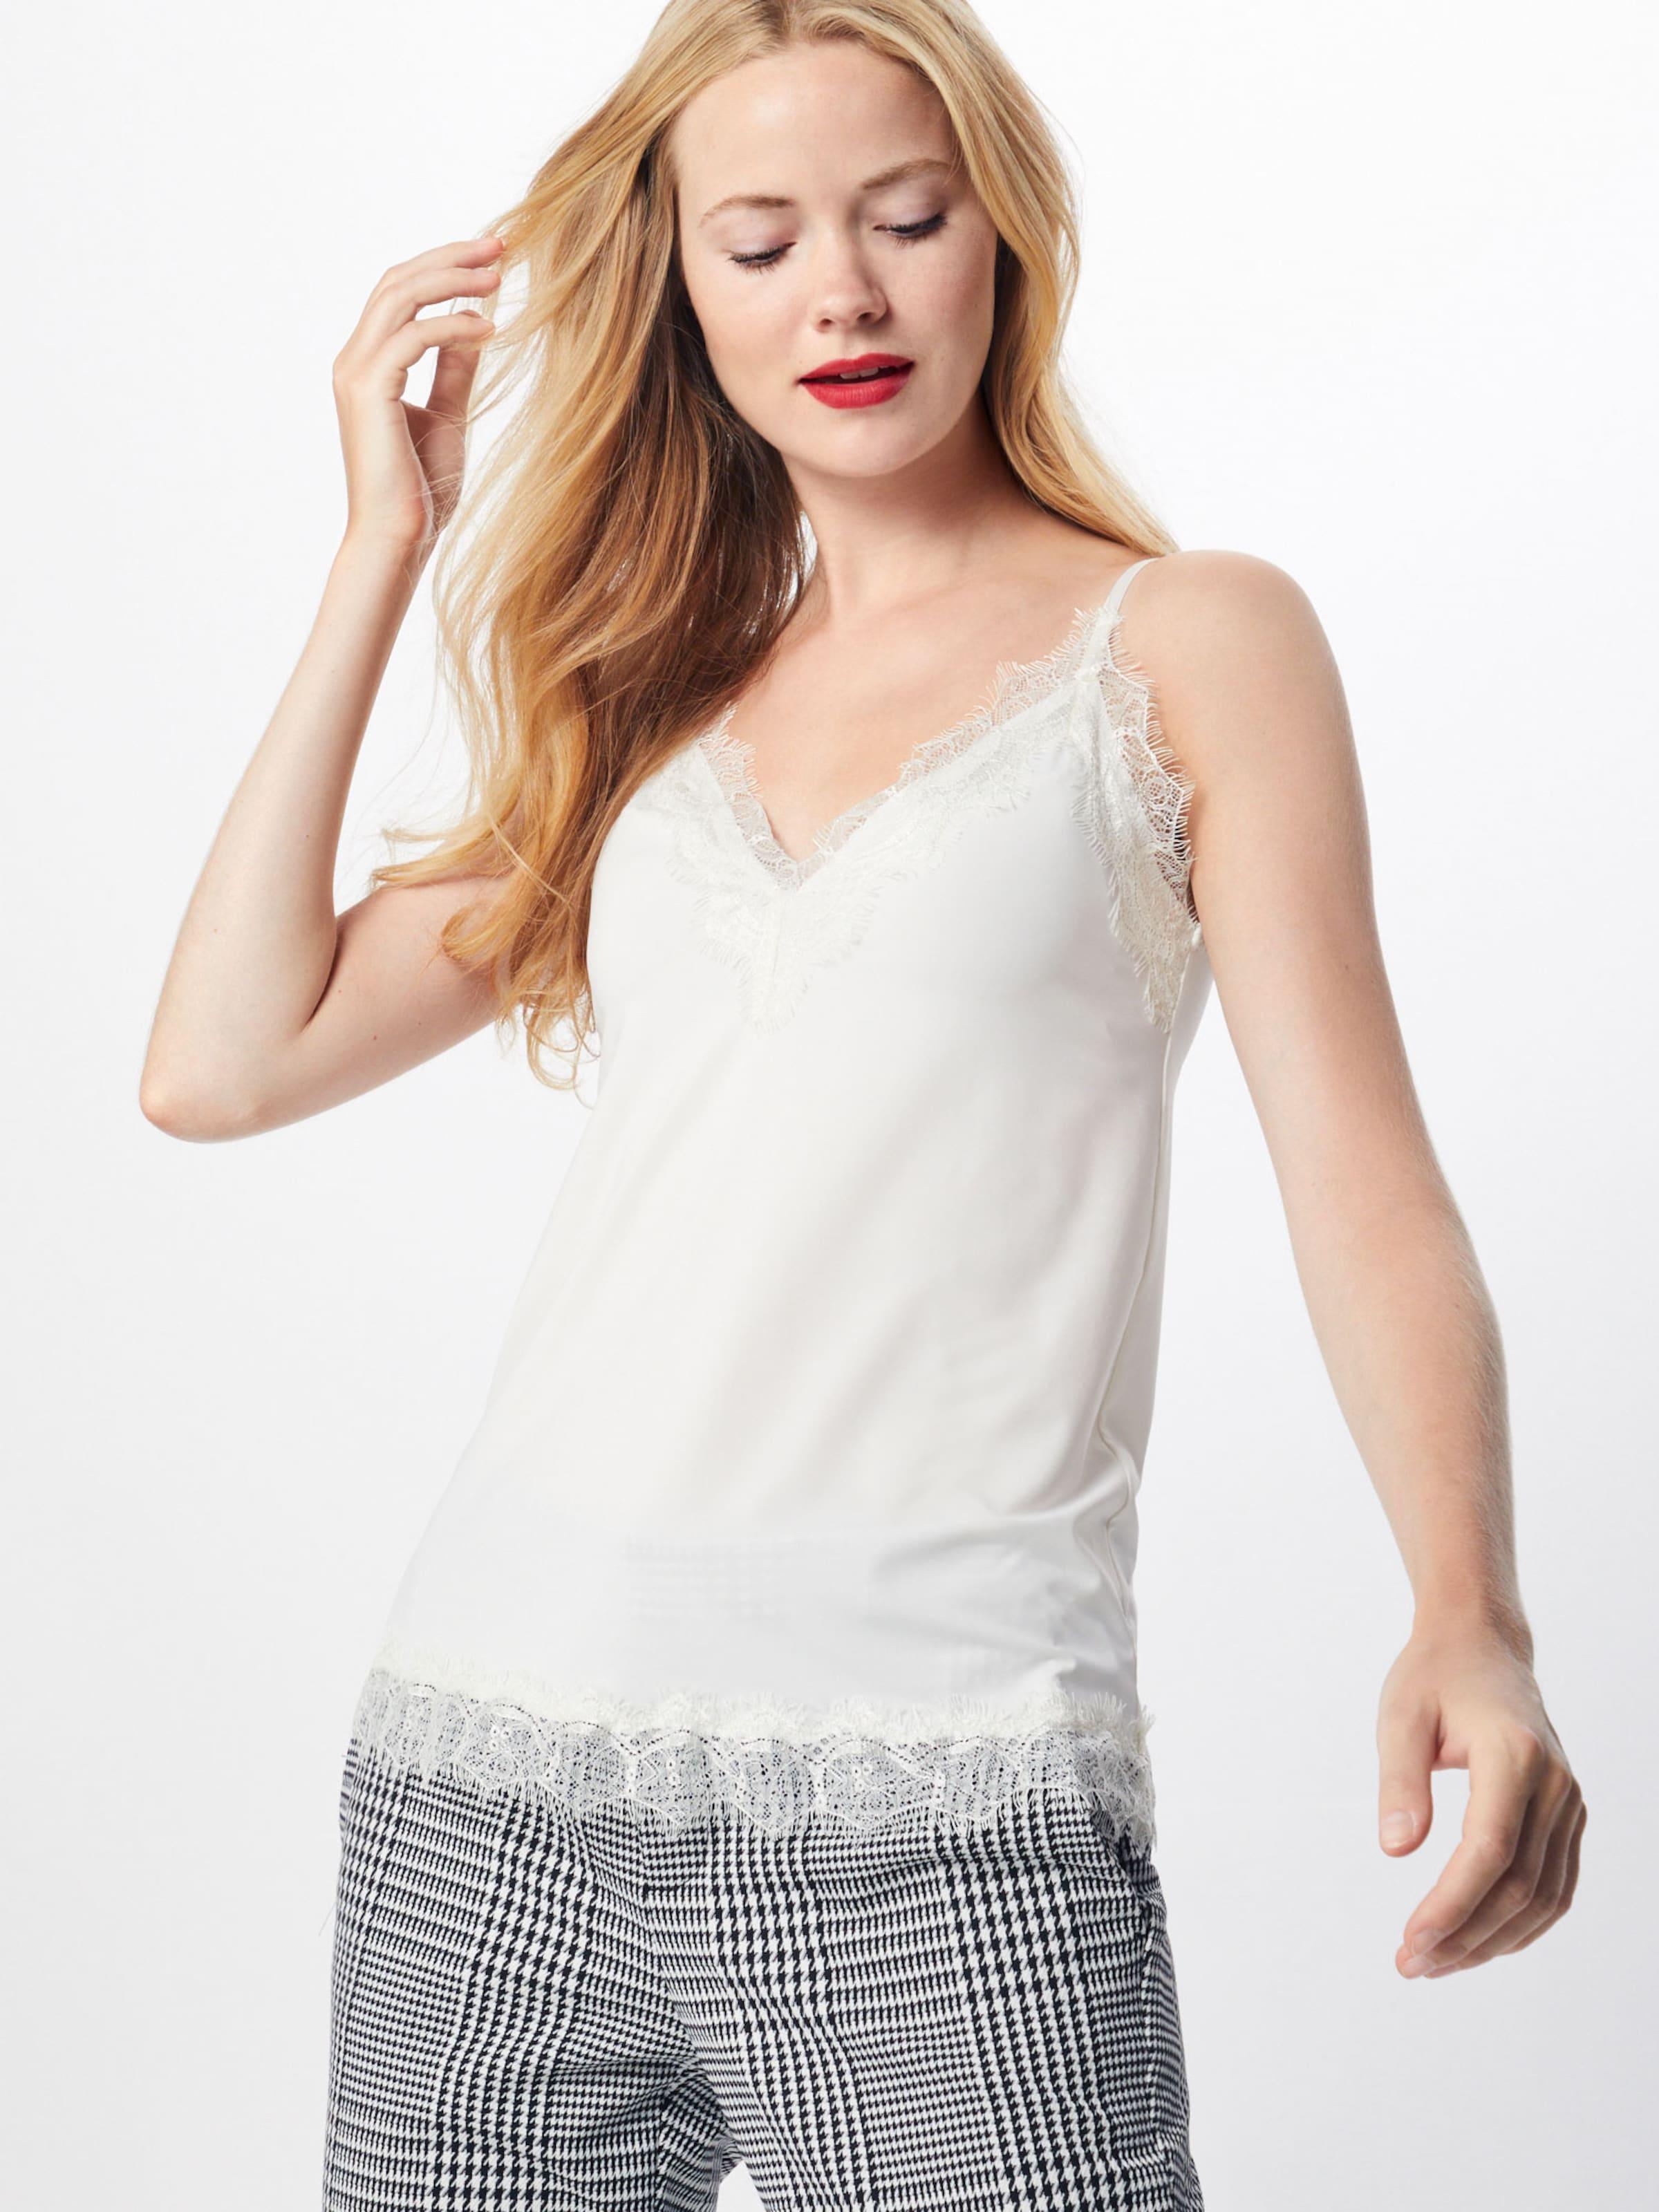 Rosemunde Haut En Blanc En Blanc Rosemunde Haut Blanc En Haut Rosemunde CWoxBerd